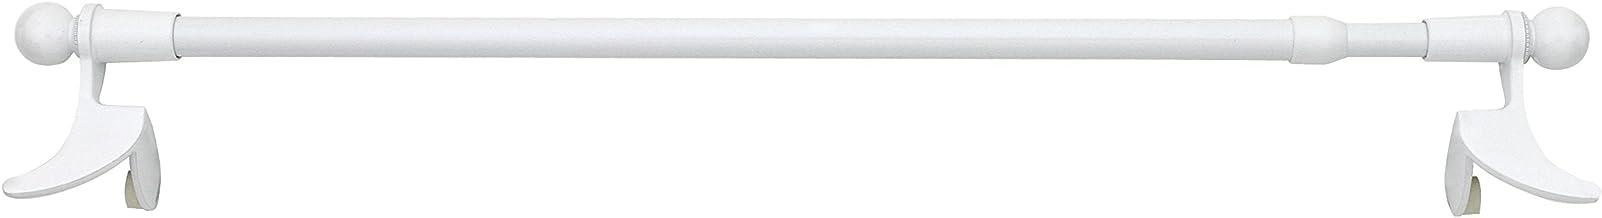 PRESTO BASIC Tringle Extensible /à Fixation Par Pression 30-45cm  M/étal Nickel Mat  1 pi/èce